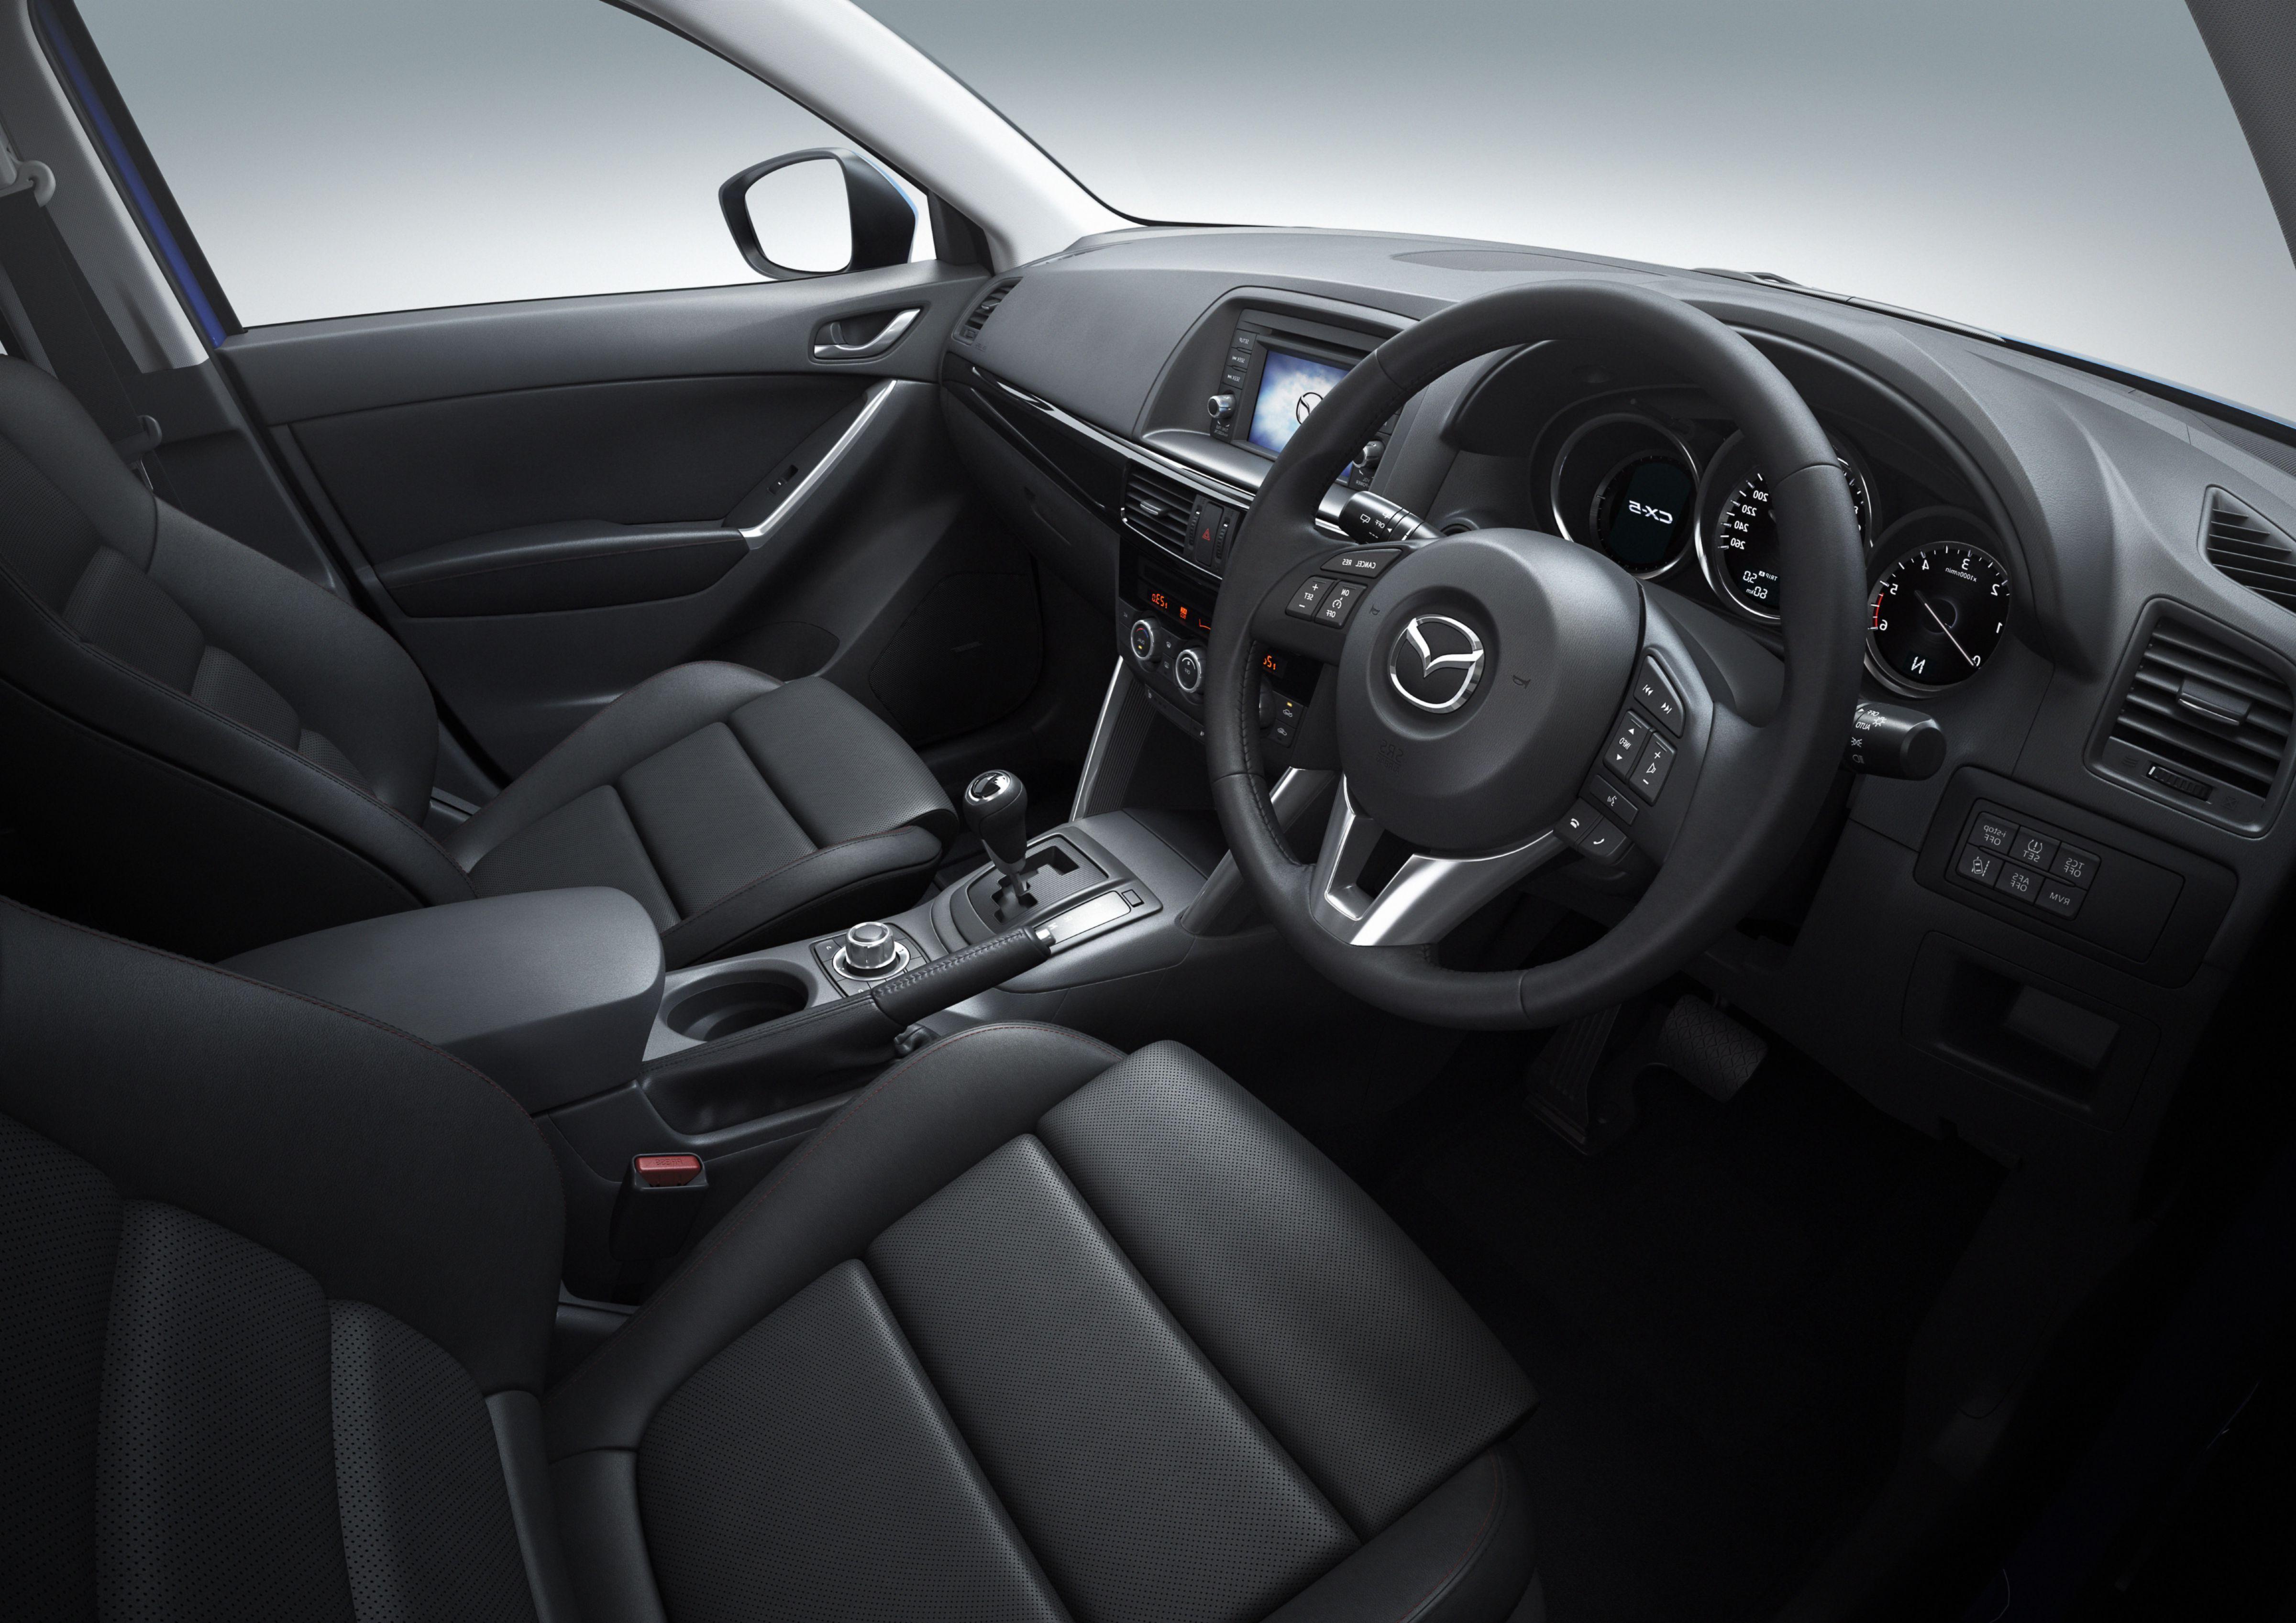 2017 mazda cx 5 inside mazda autos post for Interior mazda cx 5